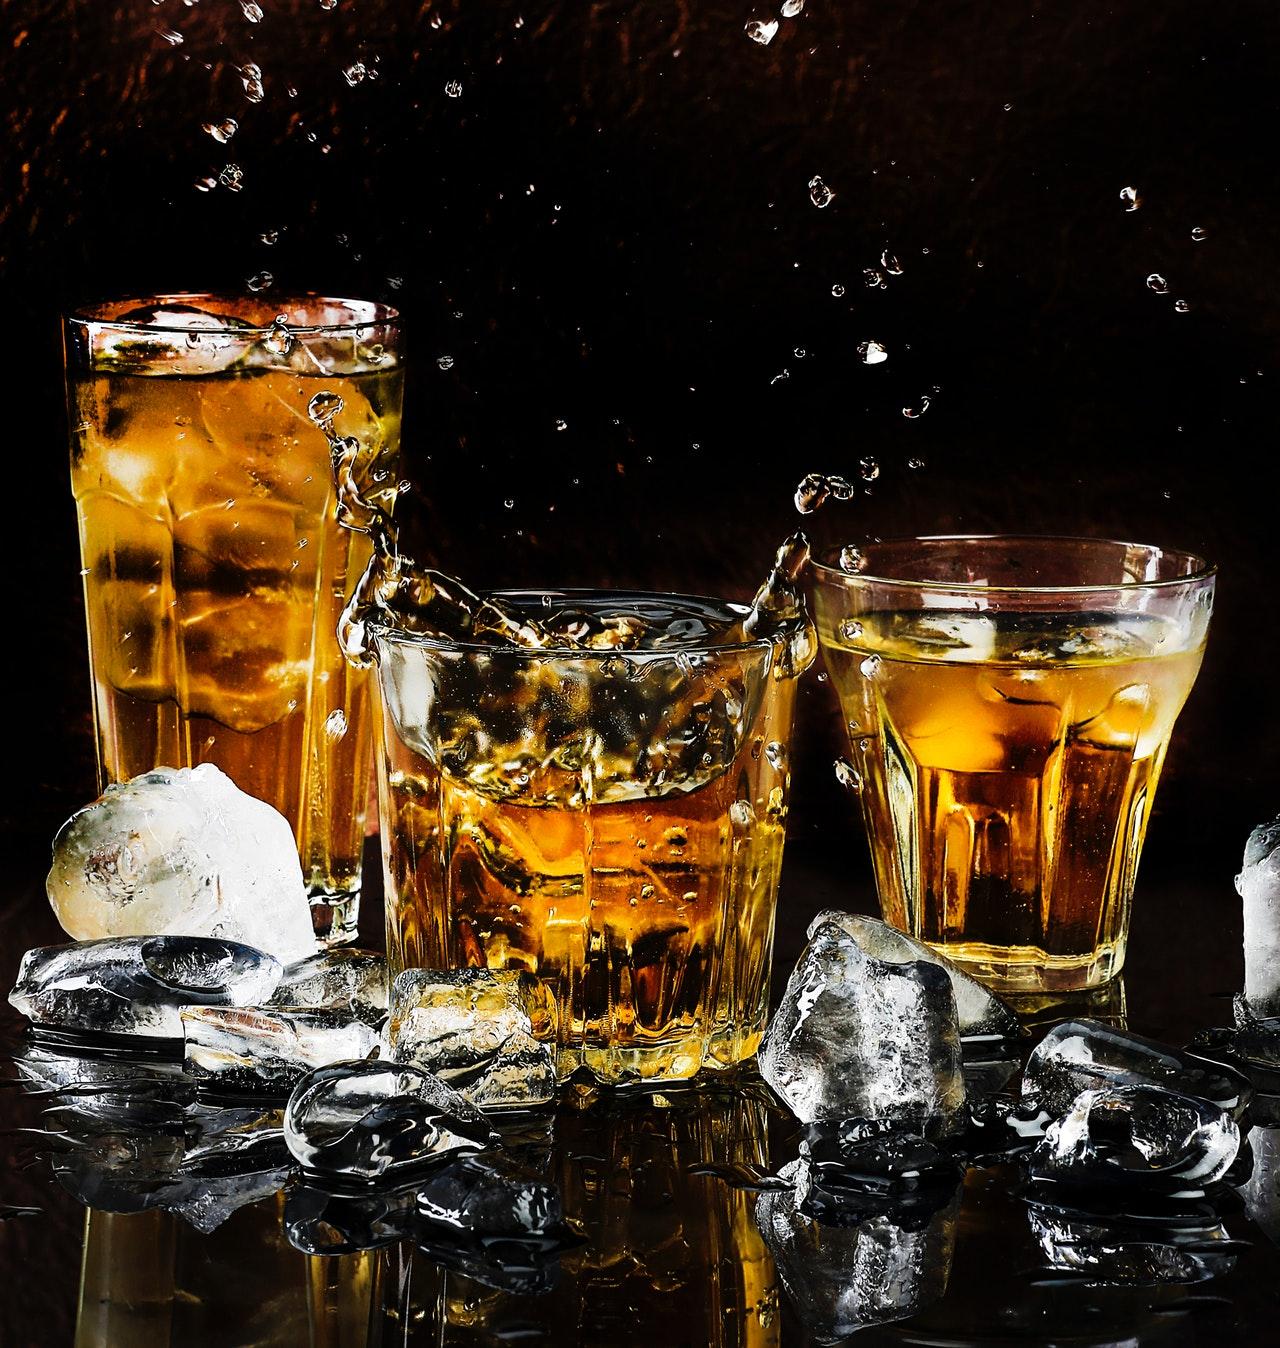 Covid-19 incrementa el mercado ilícito de alcohol